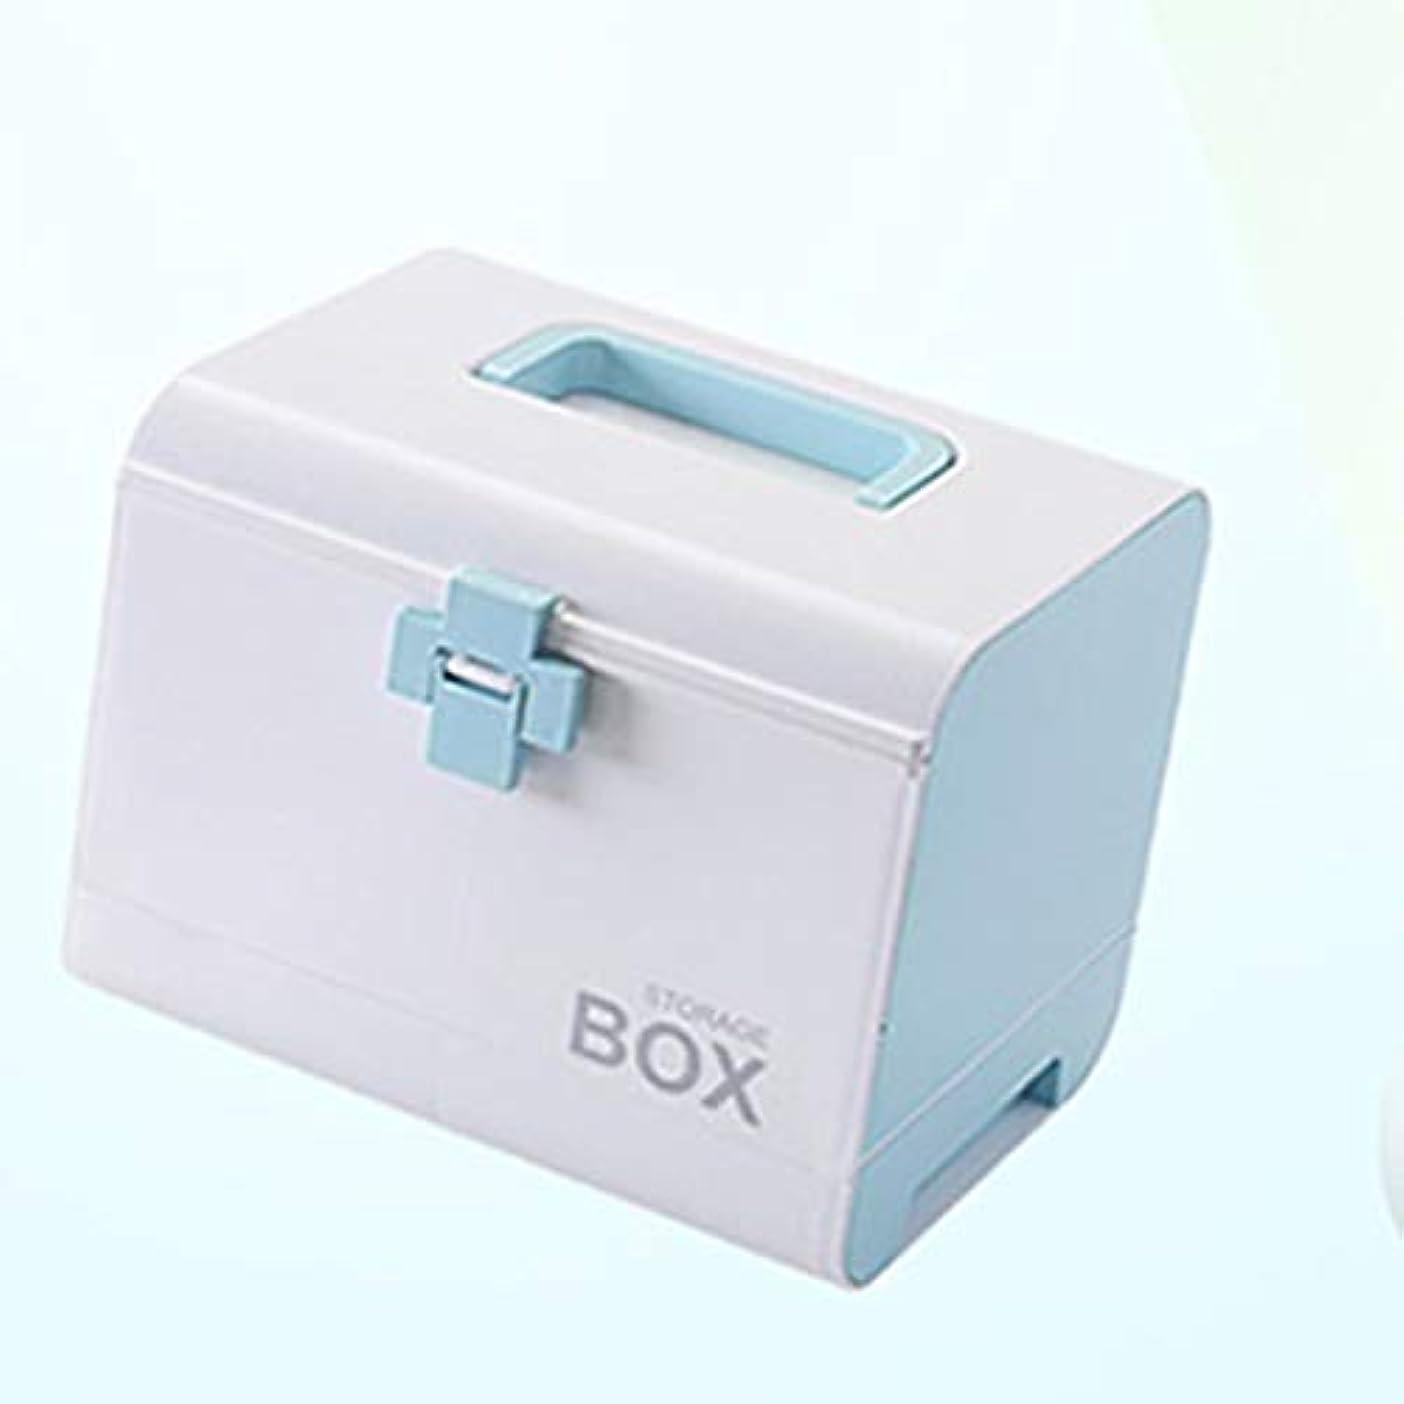 ボタン証明する楽観大型ドラッグ収納ボックス多層救急箱携帯用家庭用薬箱4色(青、緑、ピンク、紫) LXMSP (Color : Blue)